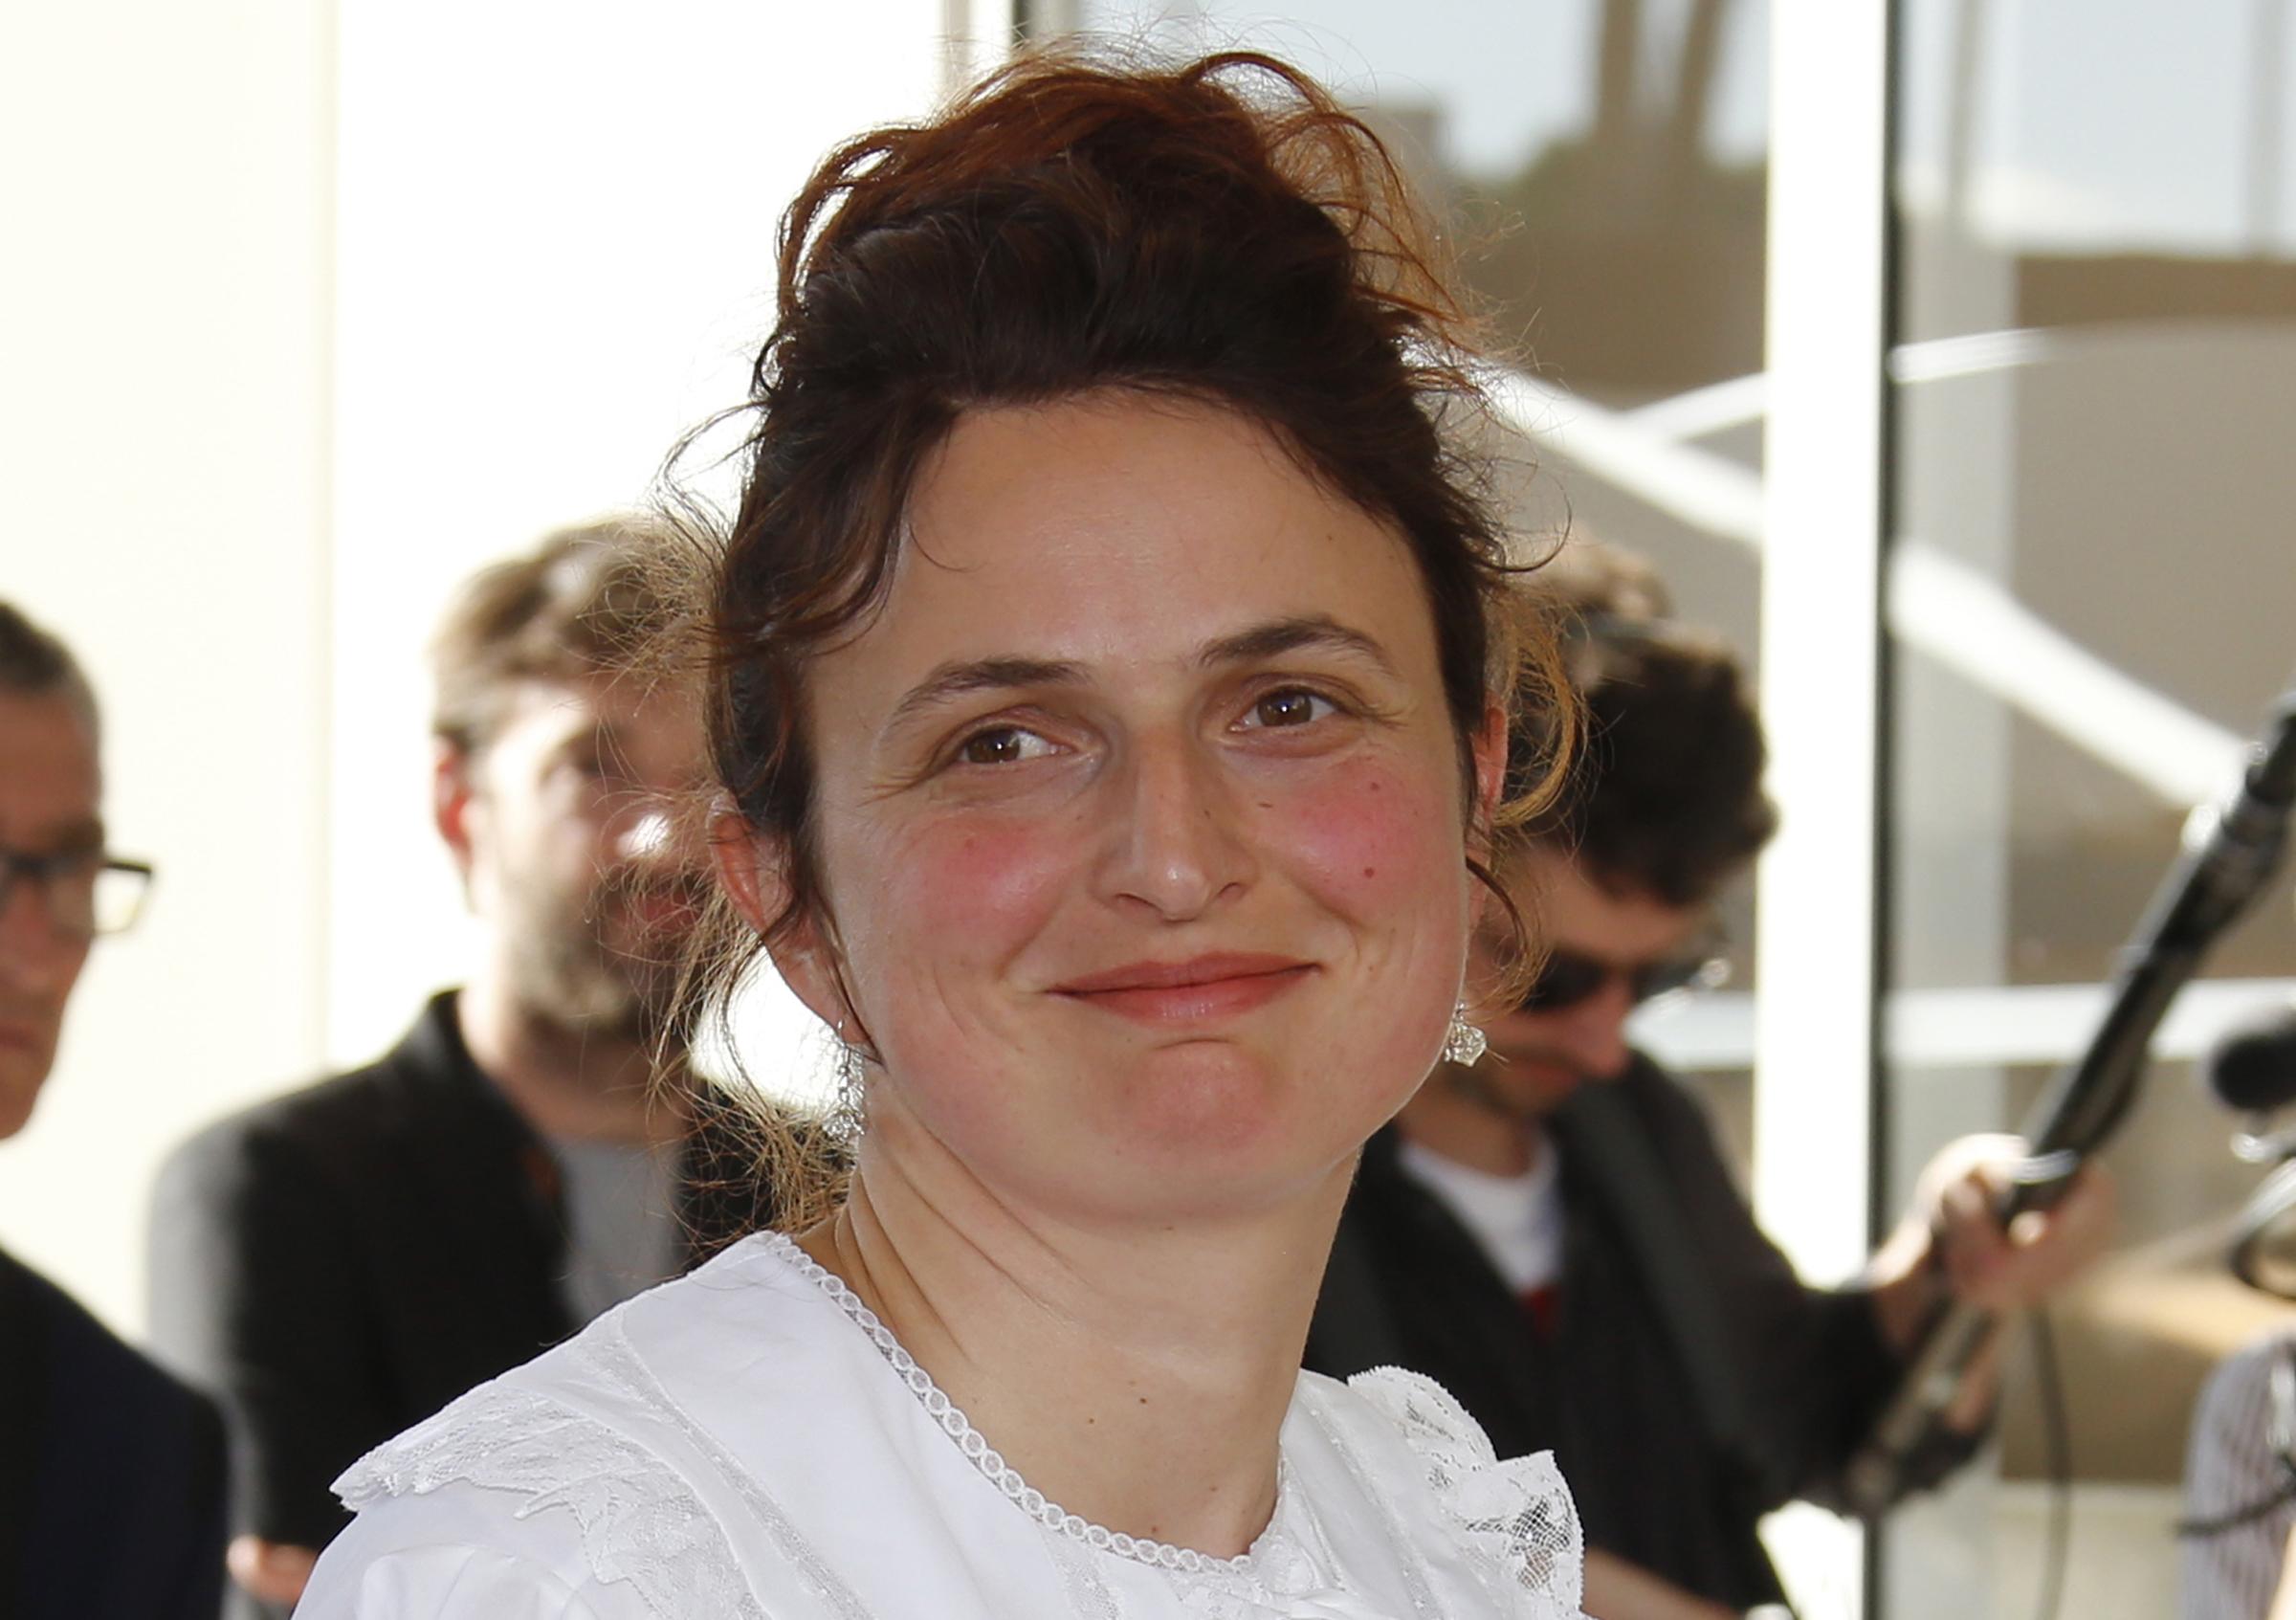 ابتسامة من آليس روهراوشر